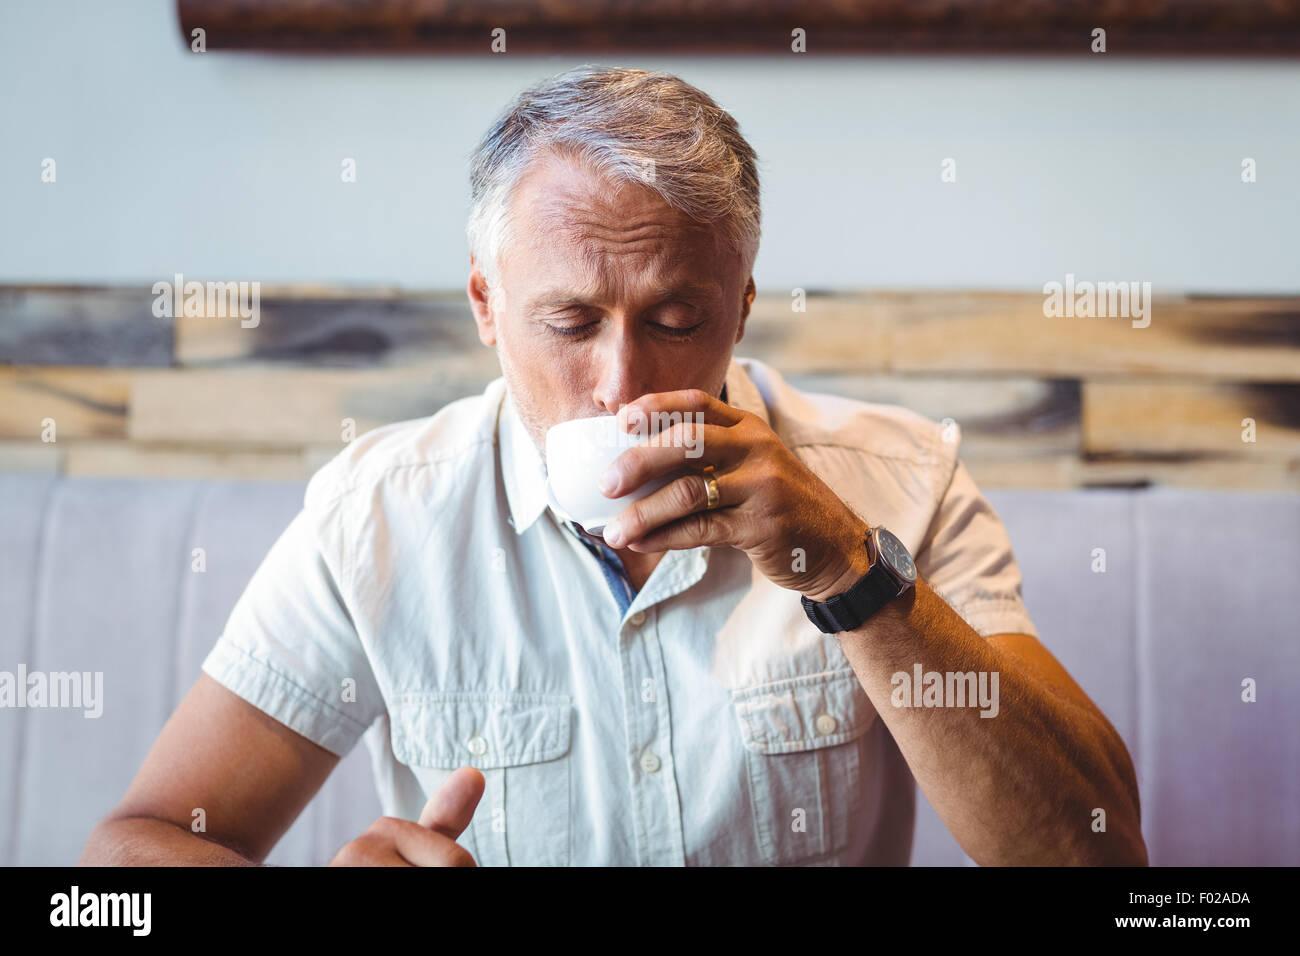 Uomo informale gustando una tazza di caffè Immagini Stock